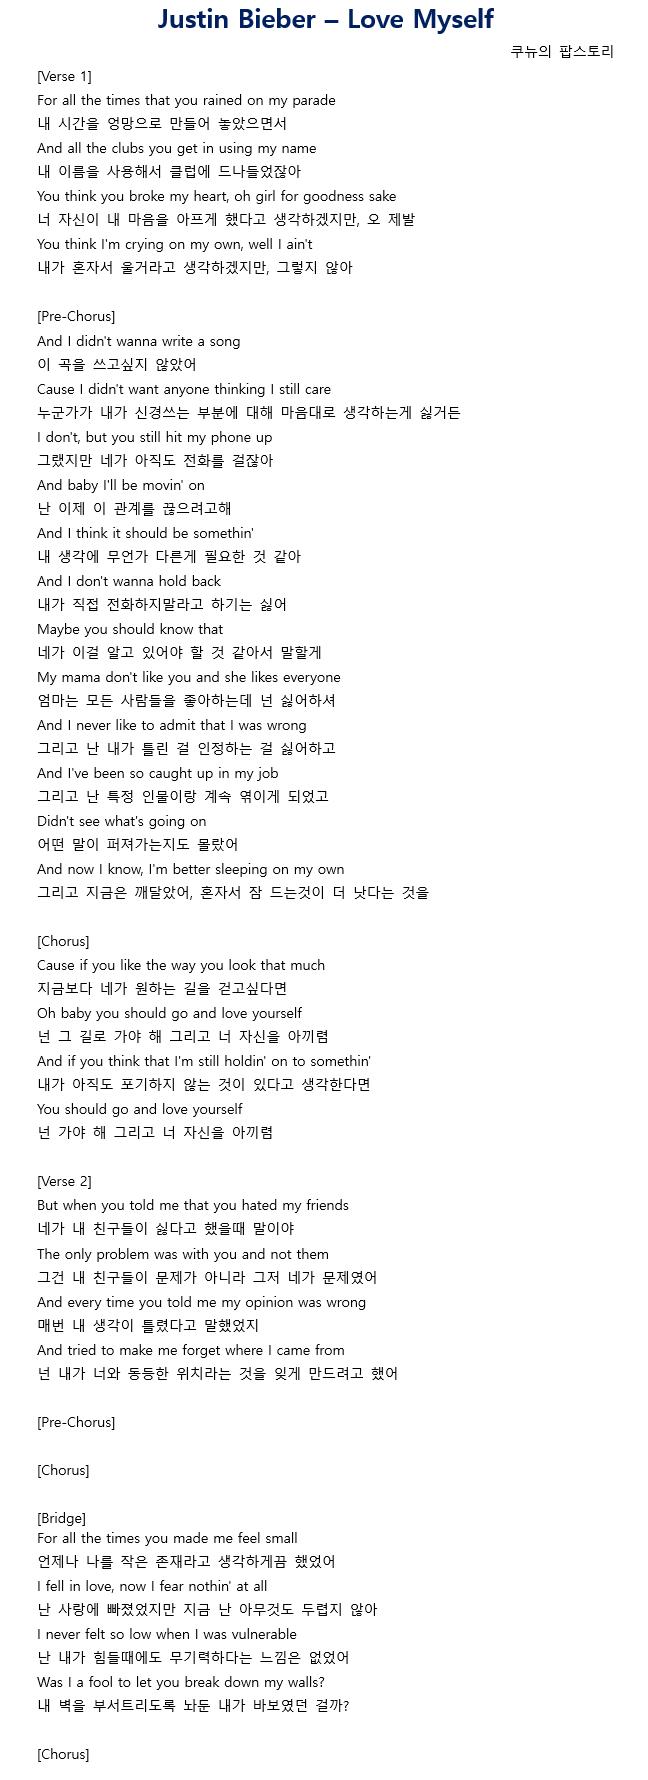 저스틴 비버 'Love Your Self' 뮤직비디오 & 가사